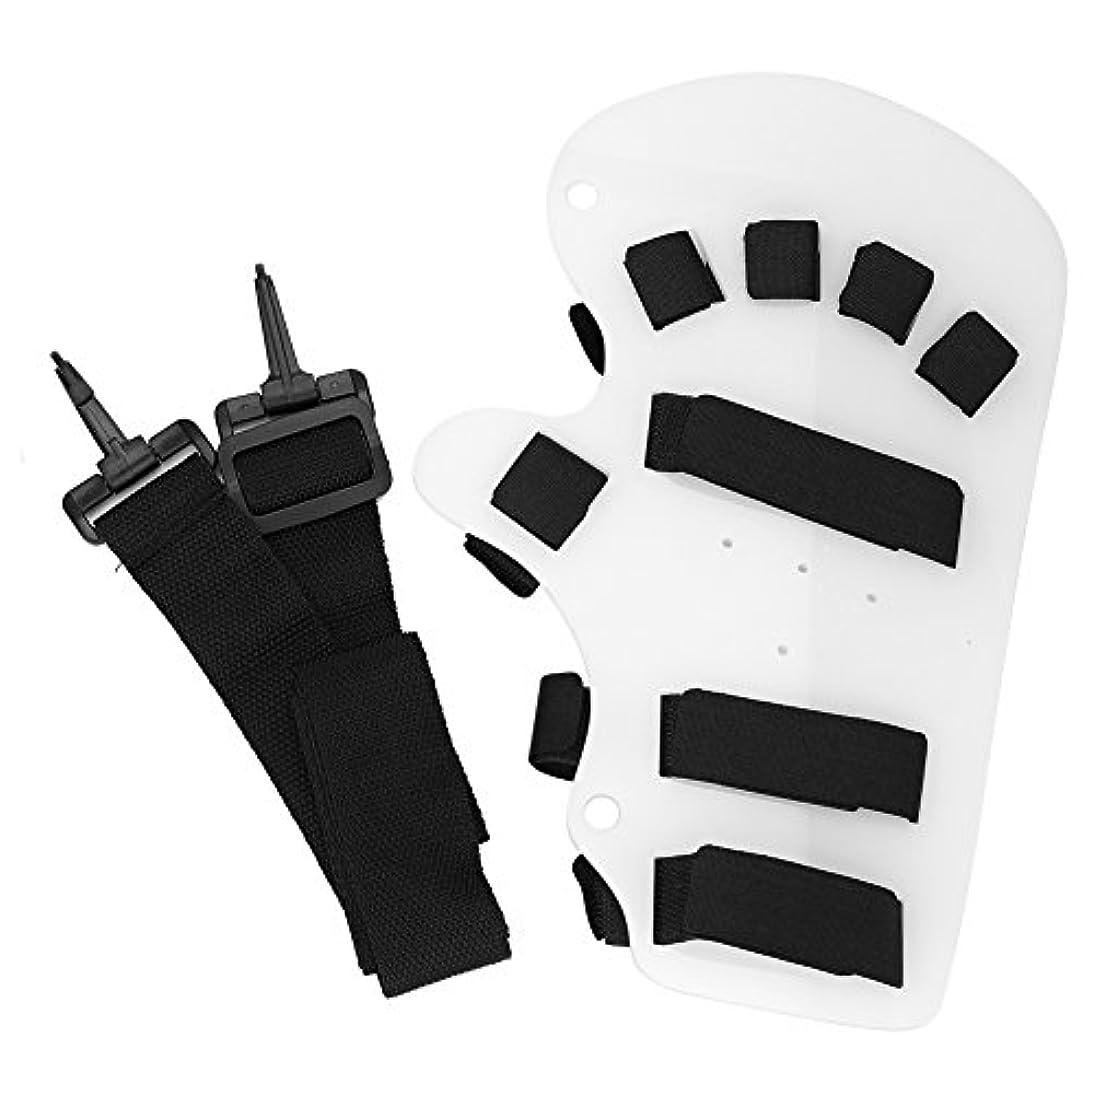 パントリー真空不道徳フィンガートレーニング装置 手指用ストレッチボード 指指を伸ばして 指の訓練装置 指矯正 麻痺指の矯正肢/脳卒中/外傷性脳損傷